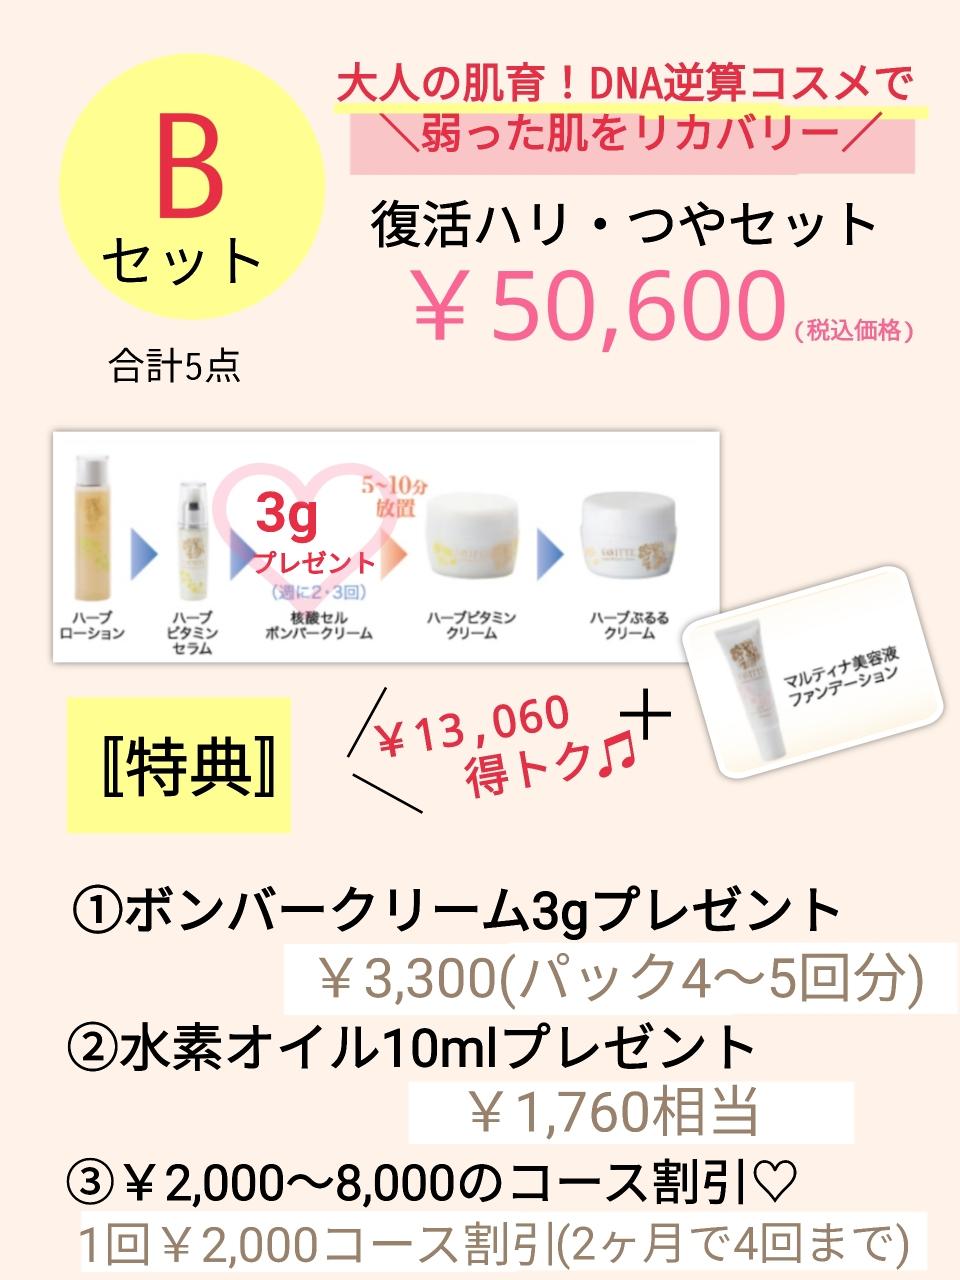 ヴァヴィッテ化粧品 キャンペーン 核酸コスメ